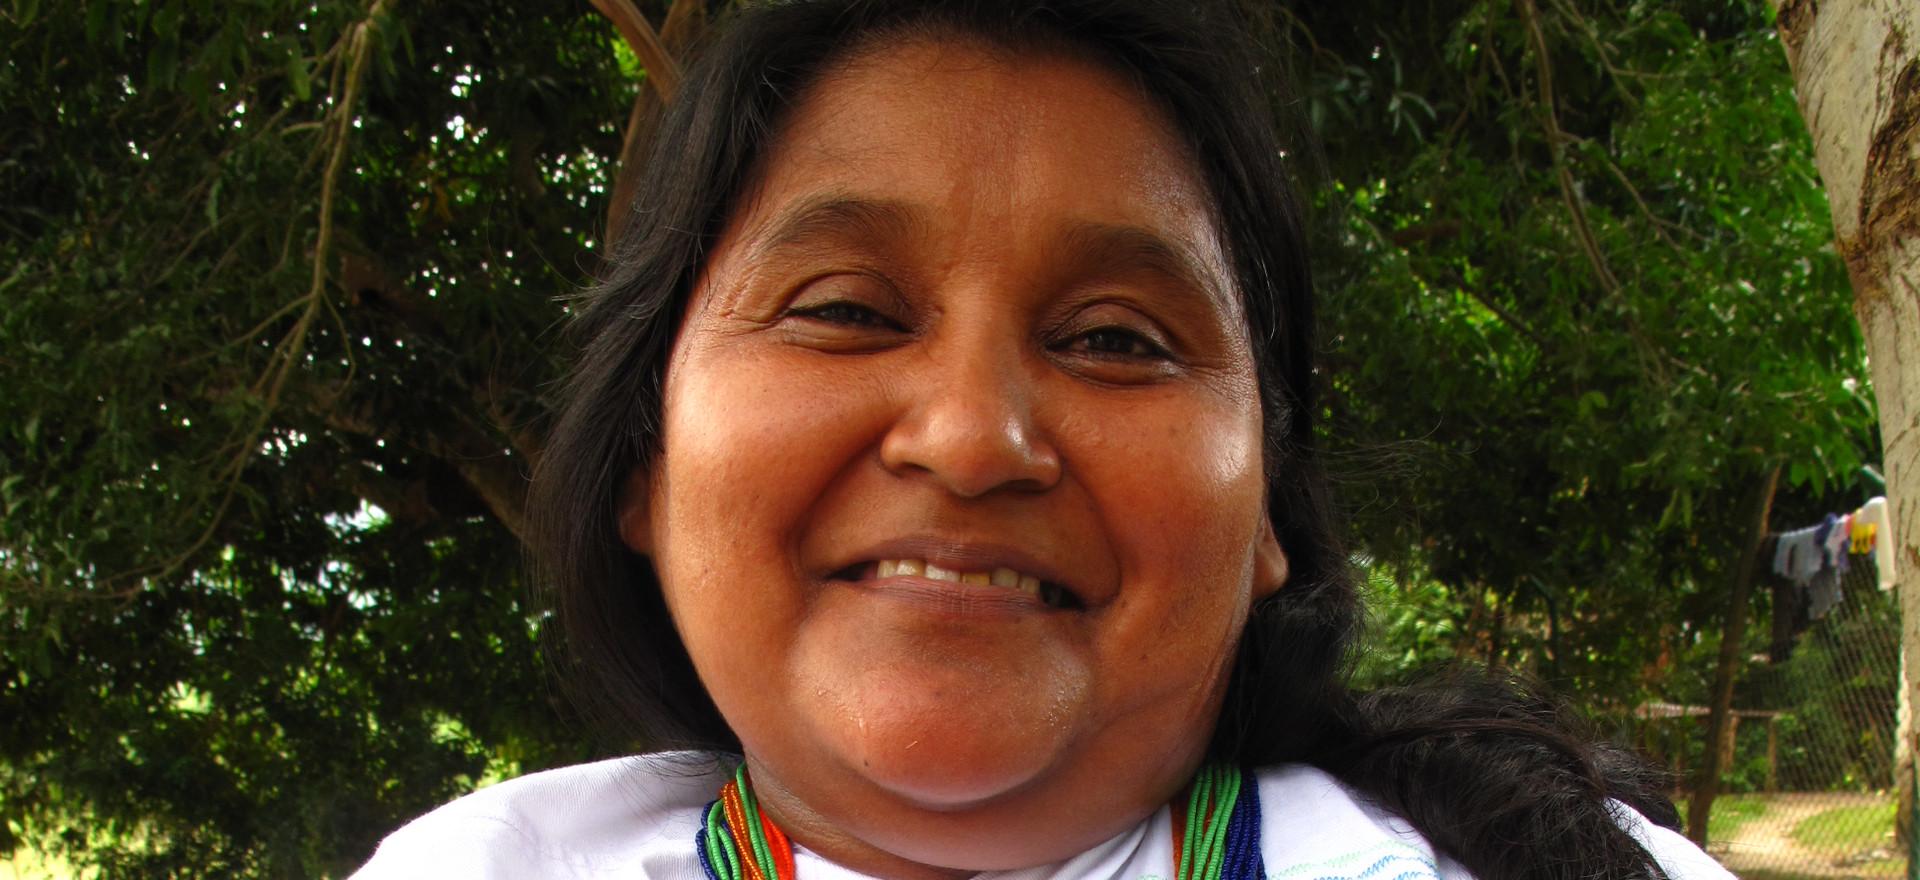 Yolima Torres